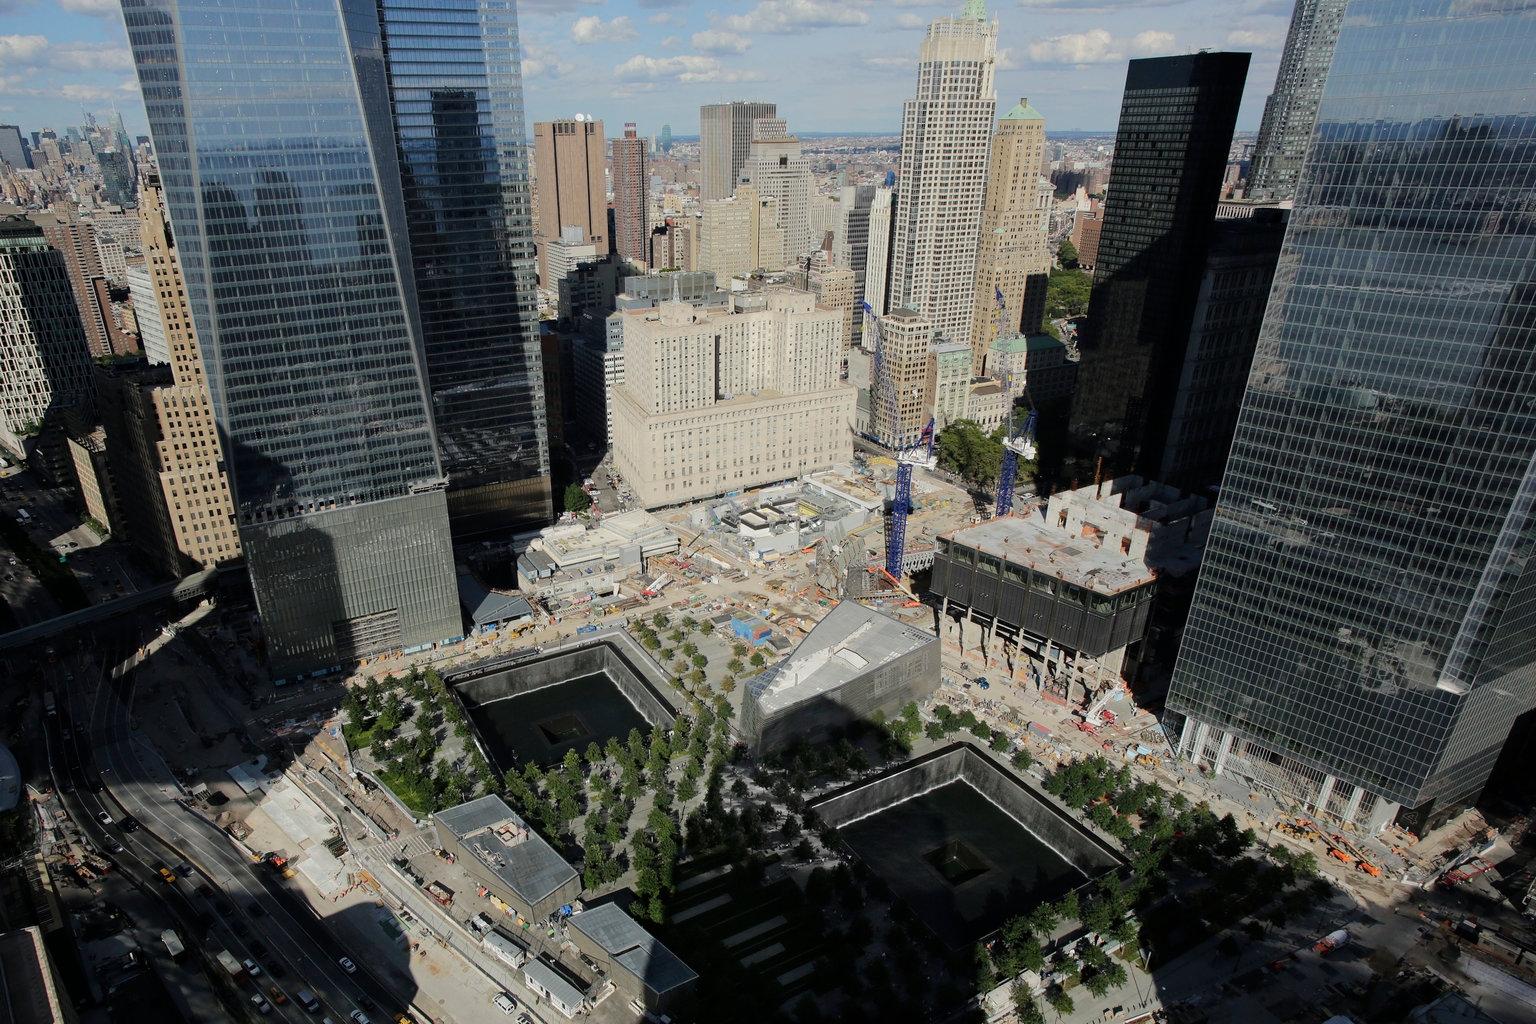 Vụ khủng bố ngày 11/9 đã thay đổi quan hệ Mỹ-Trung như thế nào?